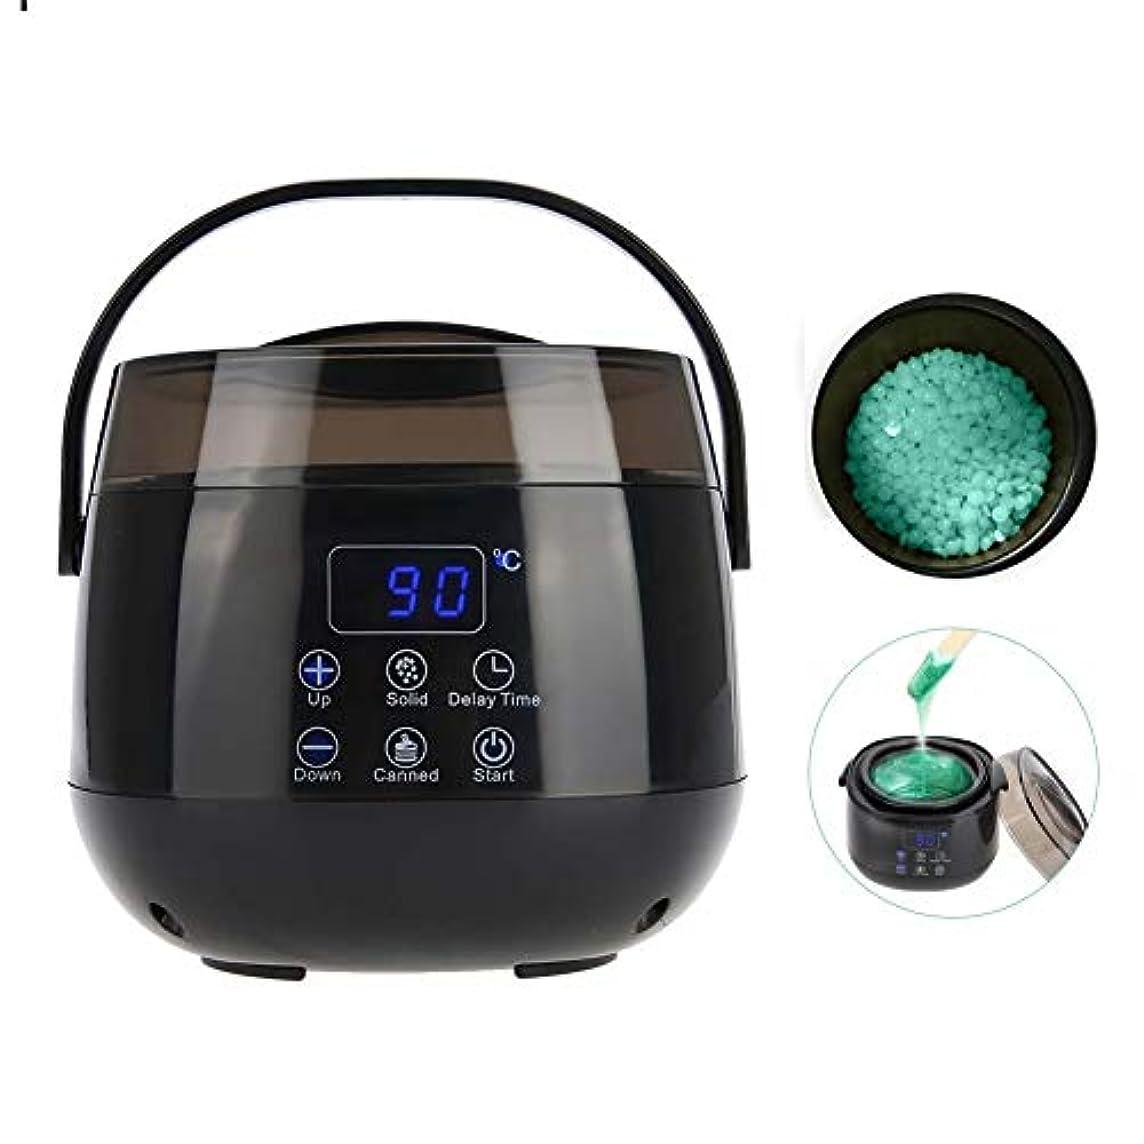 値する処方する不名誉ワックスマシン、体の髪をきれいにするのは簡単450ml HD LCDスクリーンとの温度調節可能な0?135℃の毛の取り外しのための急速に熱くする堅いワックス機械を取除きます(USプラグ)